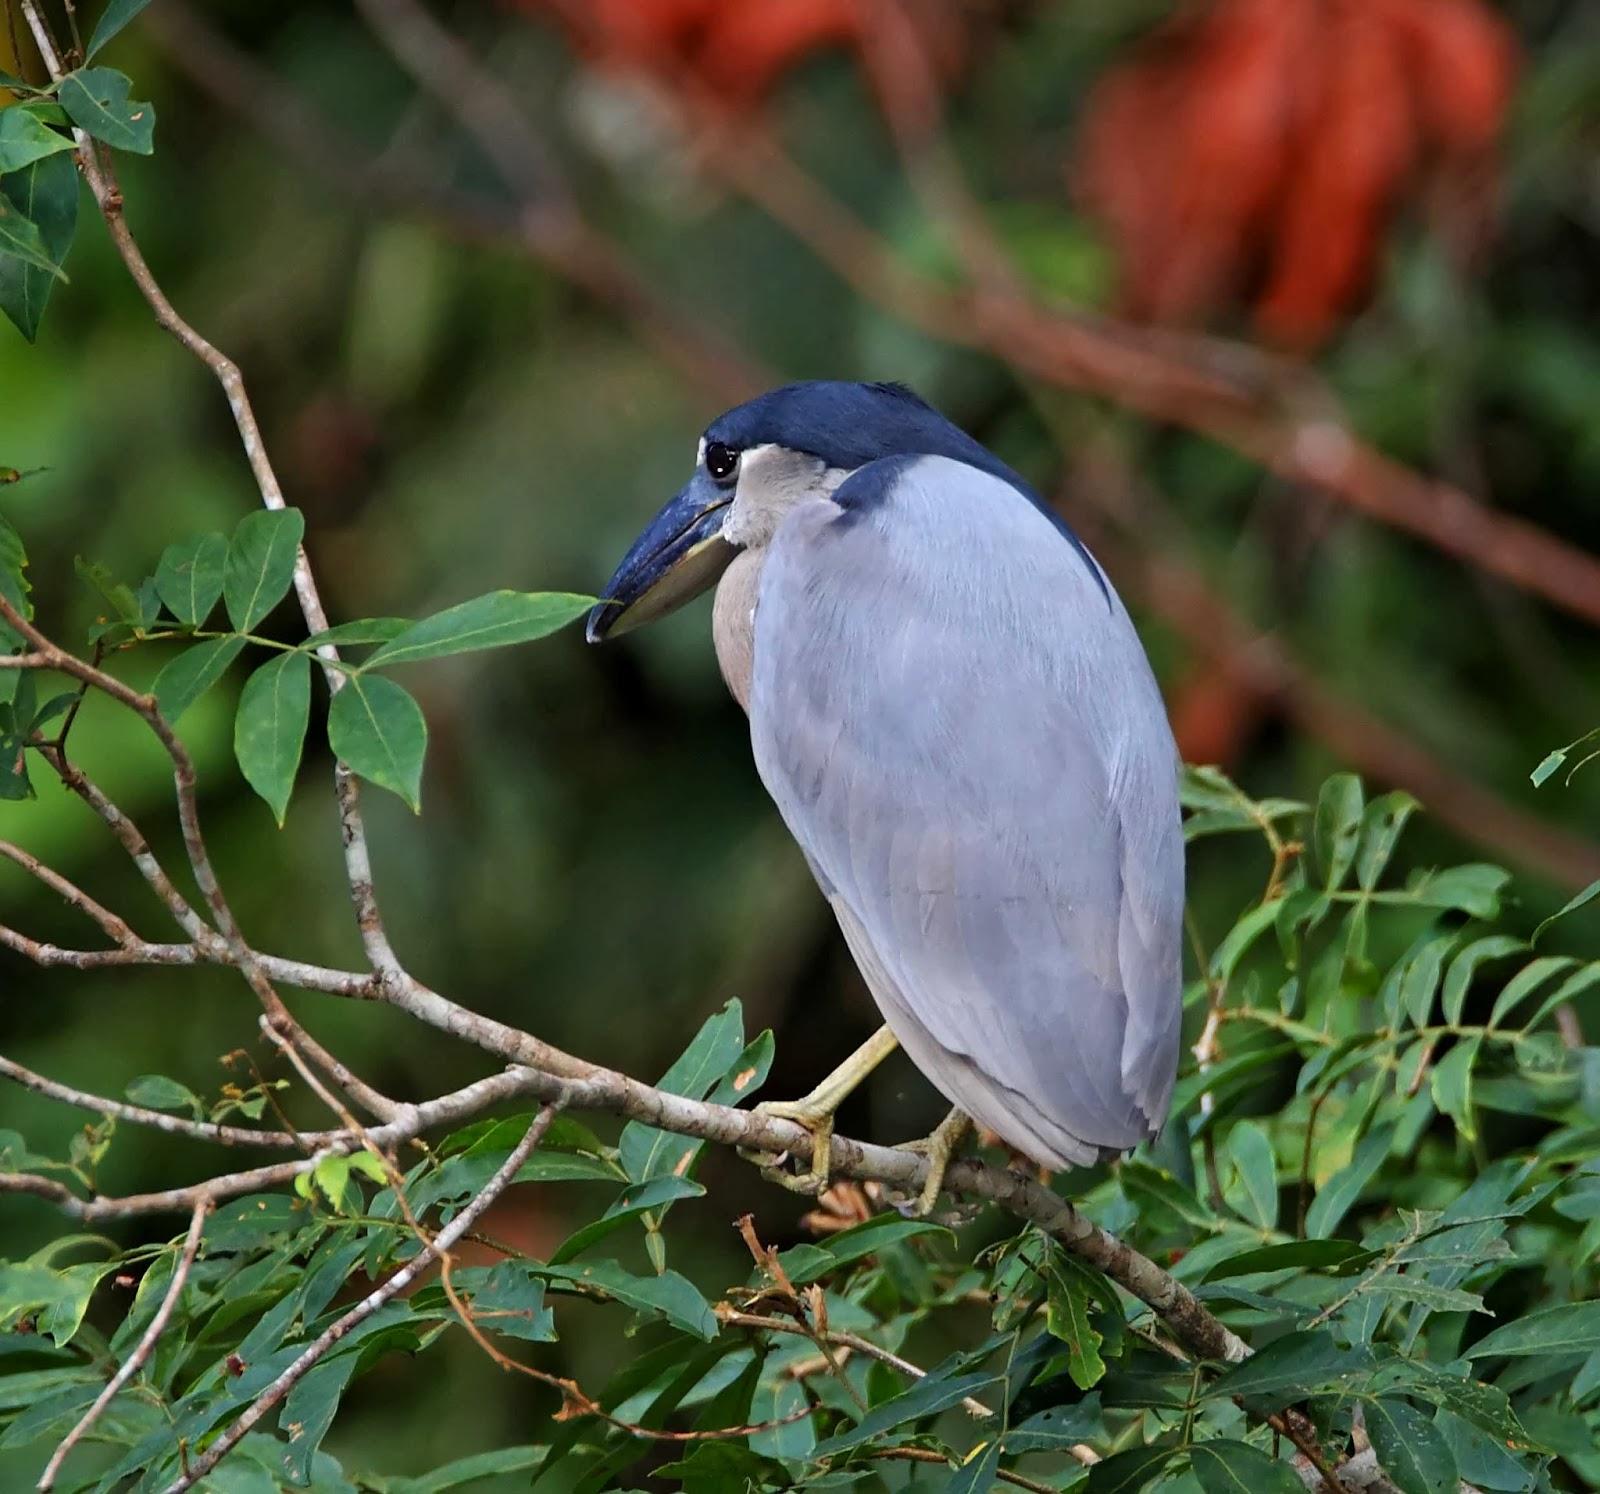 Broad Billed Heron Boat-billed Heron Adult